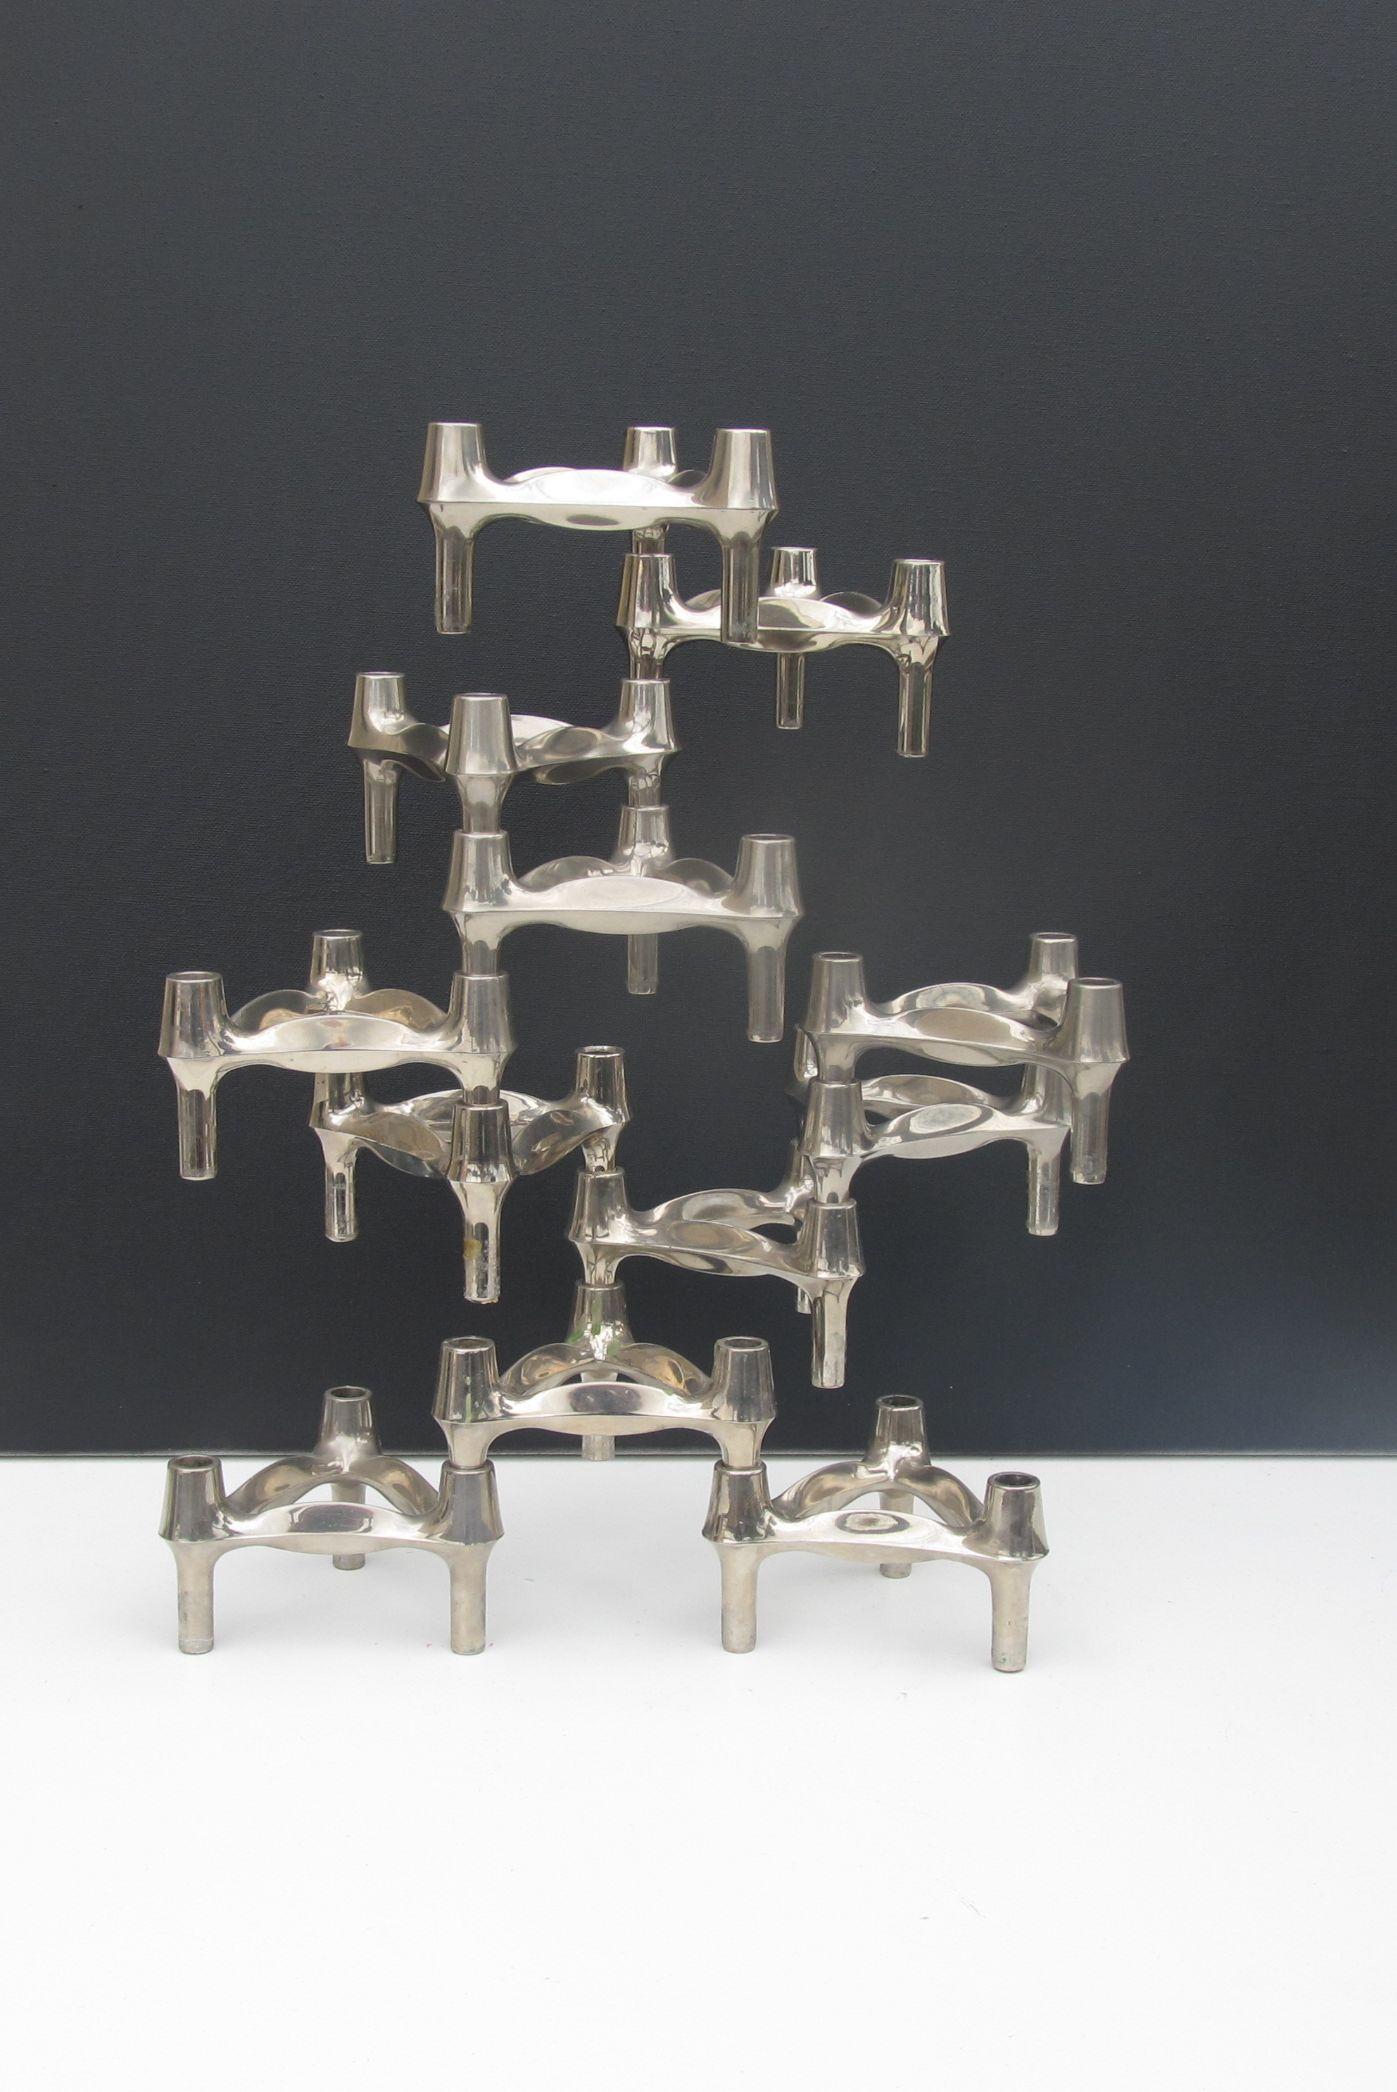 Nagel Bmf Candleholder 02